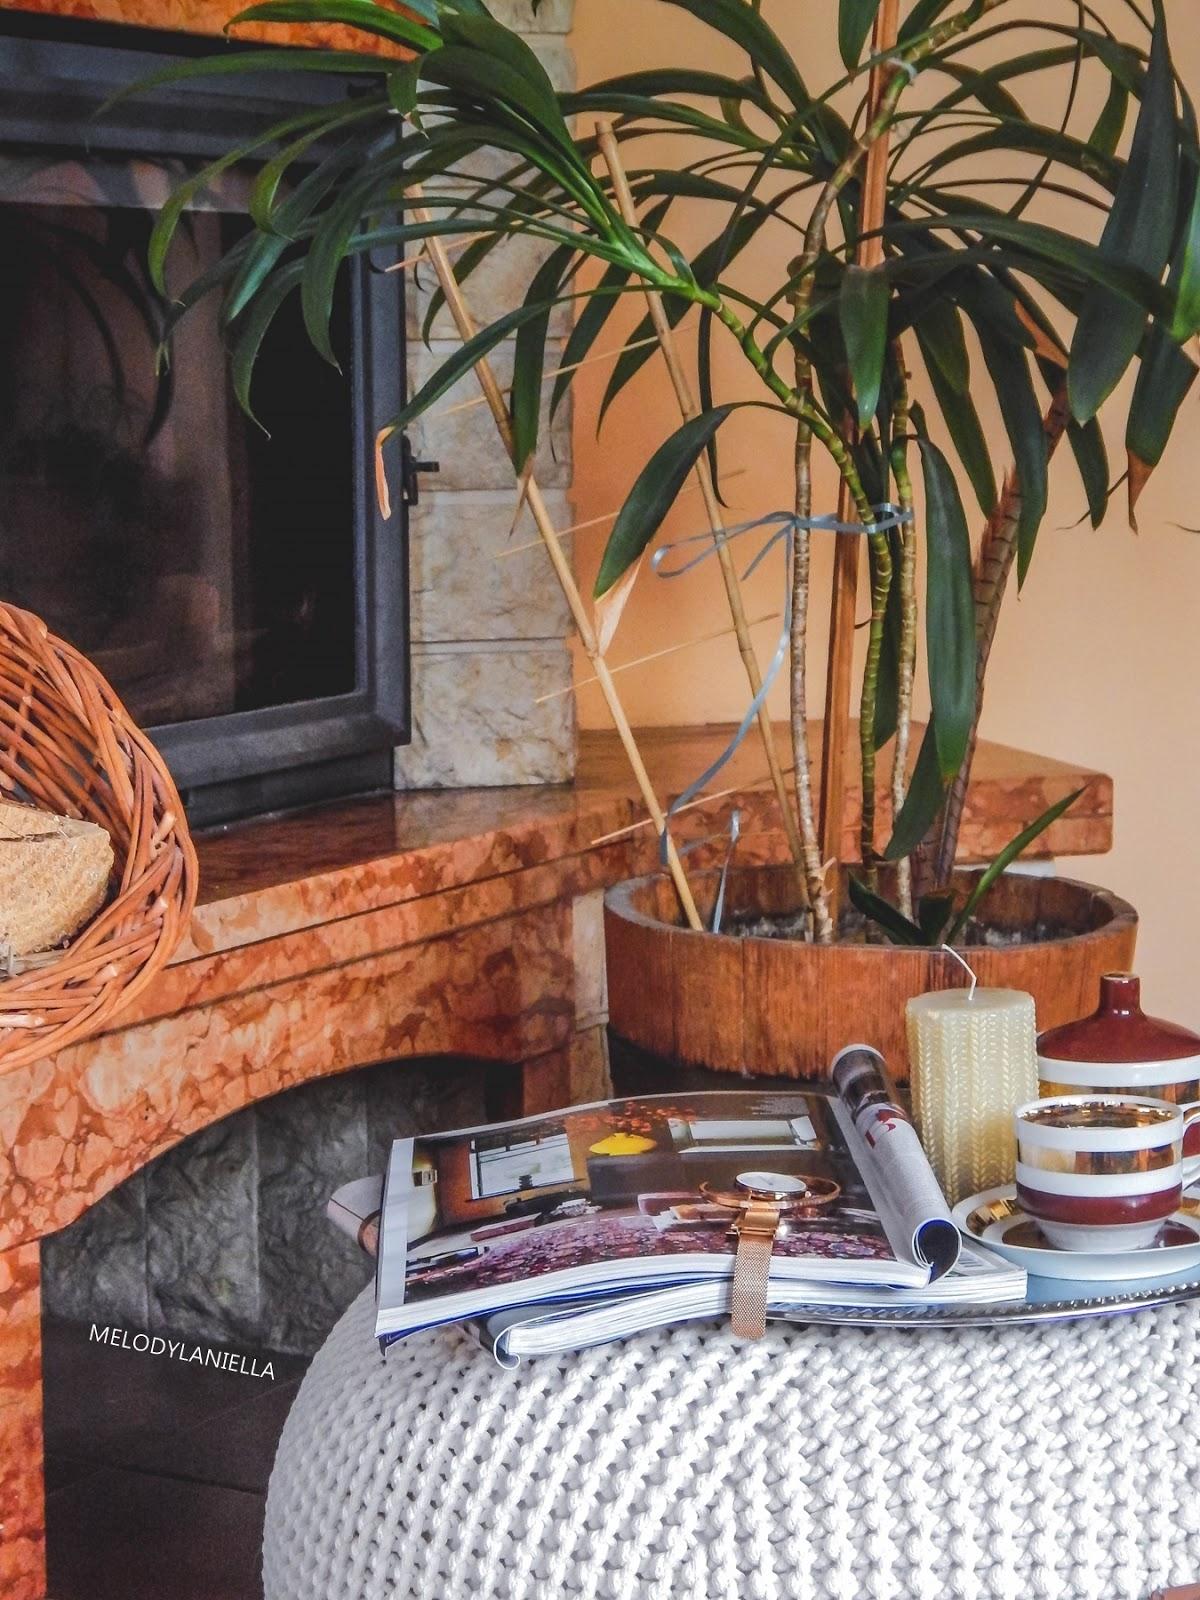 5 filo loop pomysł na biznes iwona trocka pufy poduszki warsztaty handmade robienia na drutach pledy koce shoper bag ze sznurka pomysł na prezent wystrój wnętrz design dodatki do mieszkań i domów handmade